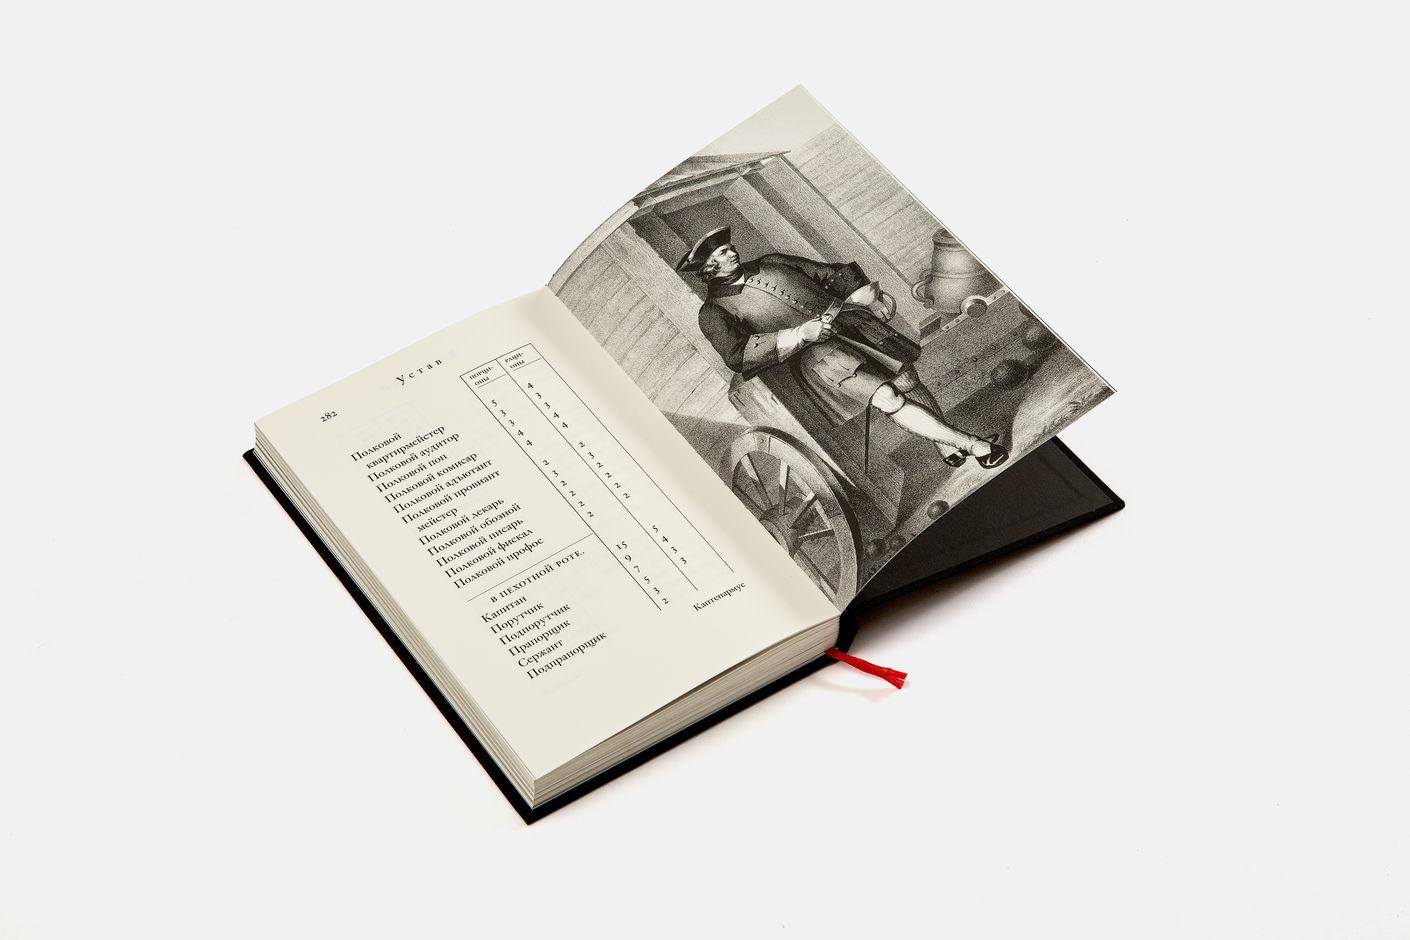 Книга Воинский устав, 2016, Агей Томеш, Лаборатория дизайна НИУ ВШЭ